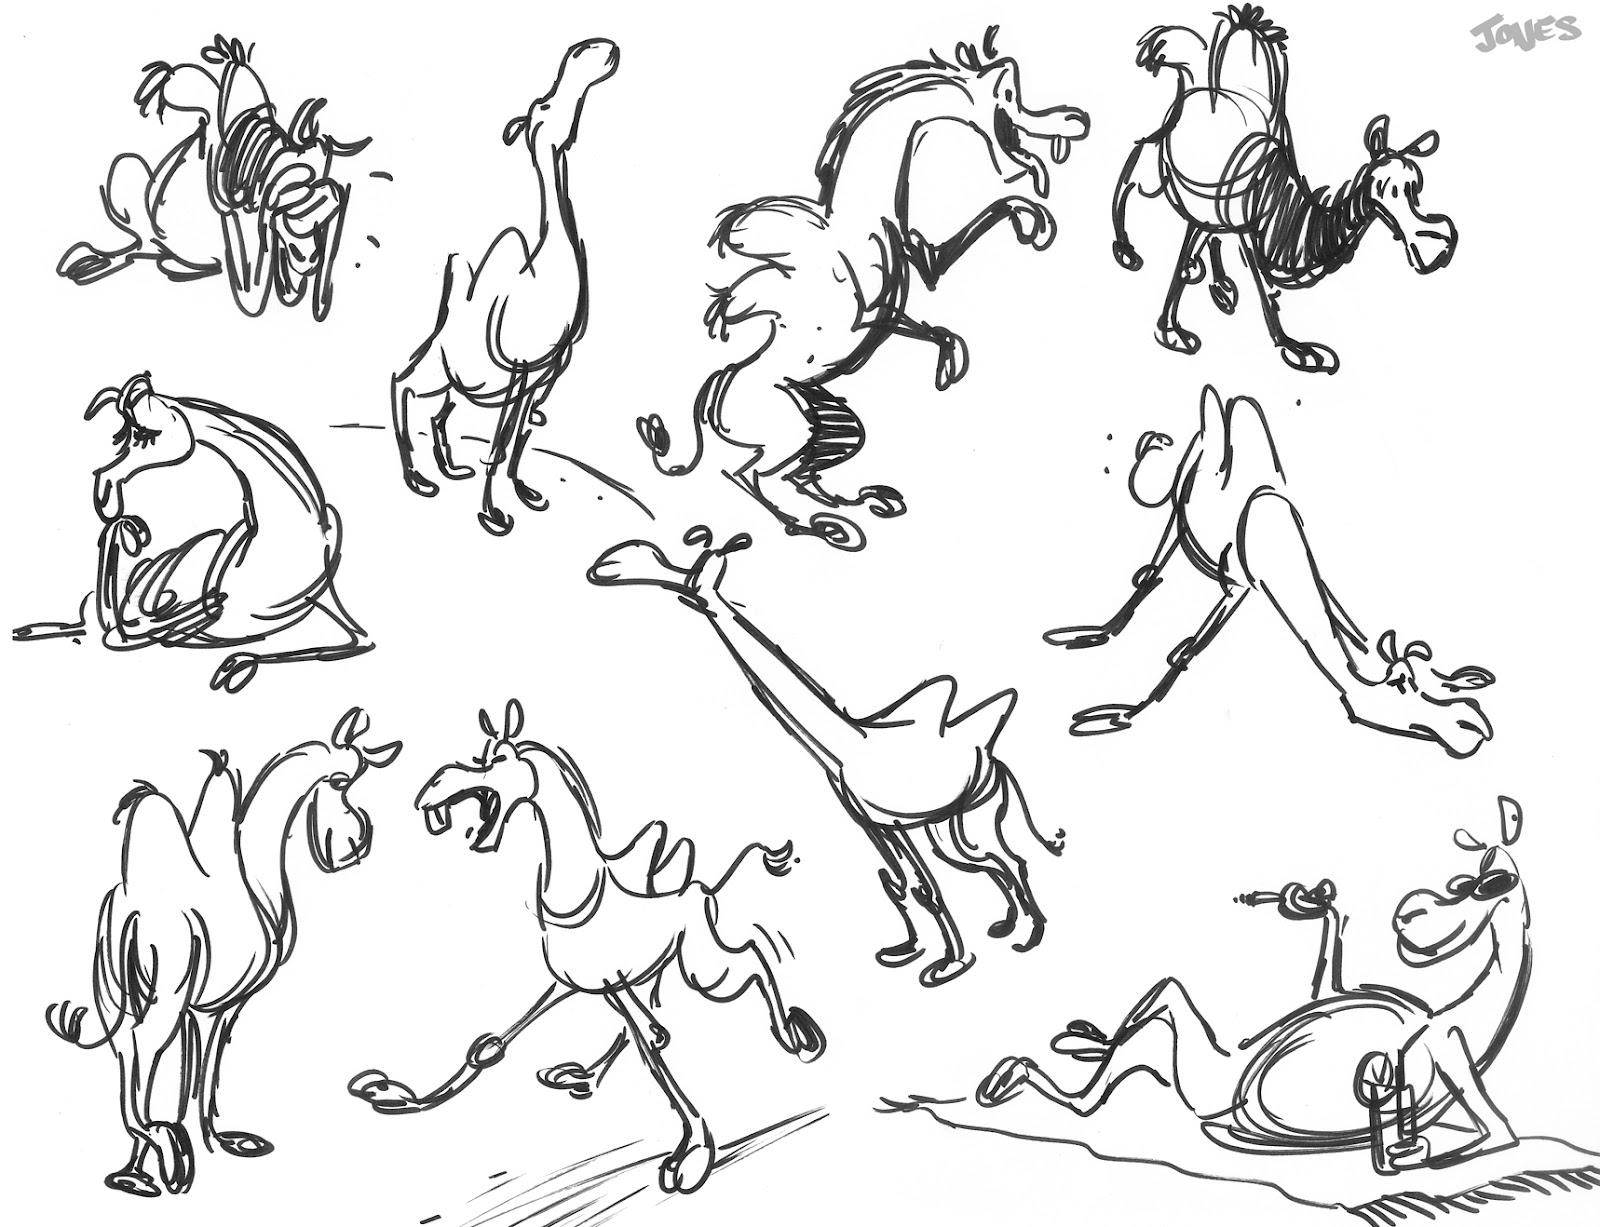 1600x1227 Matt Jones Gesture Drawing